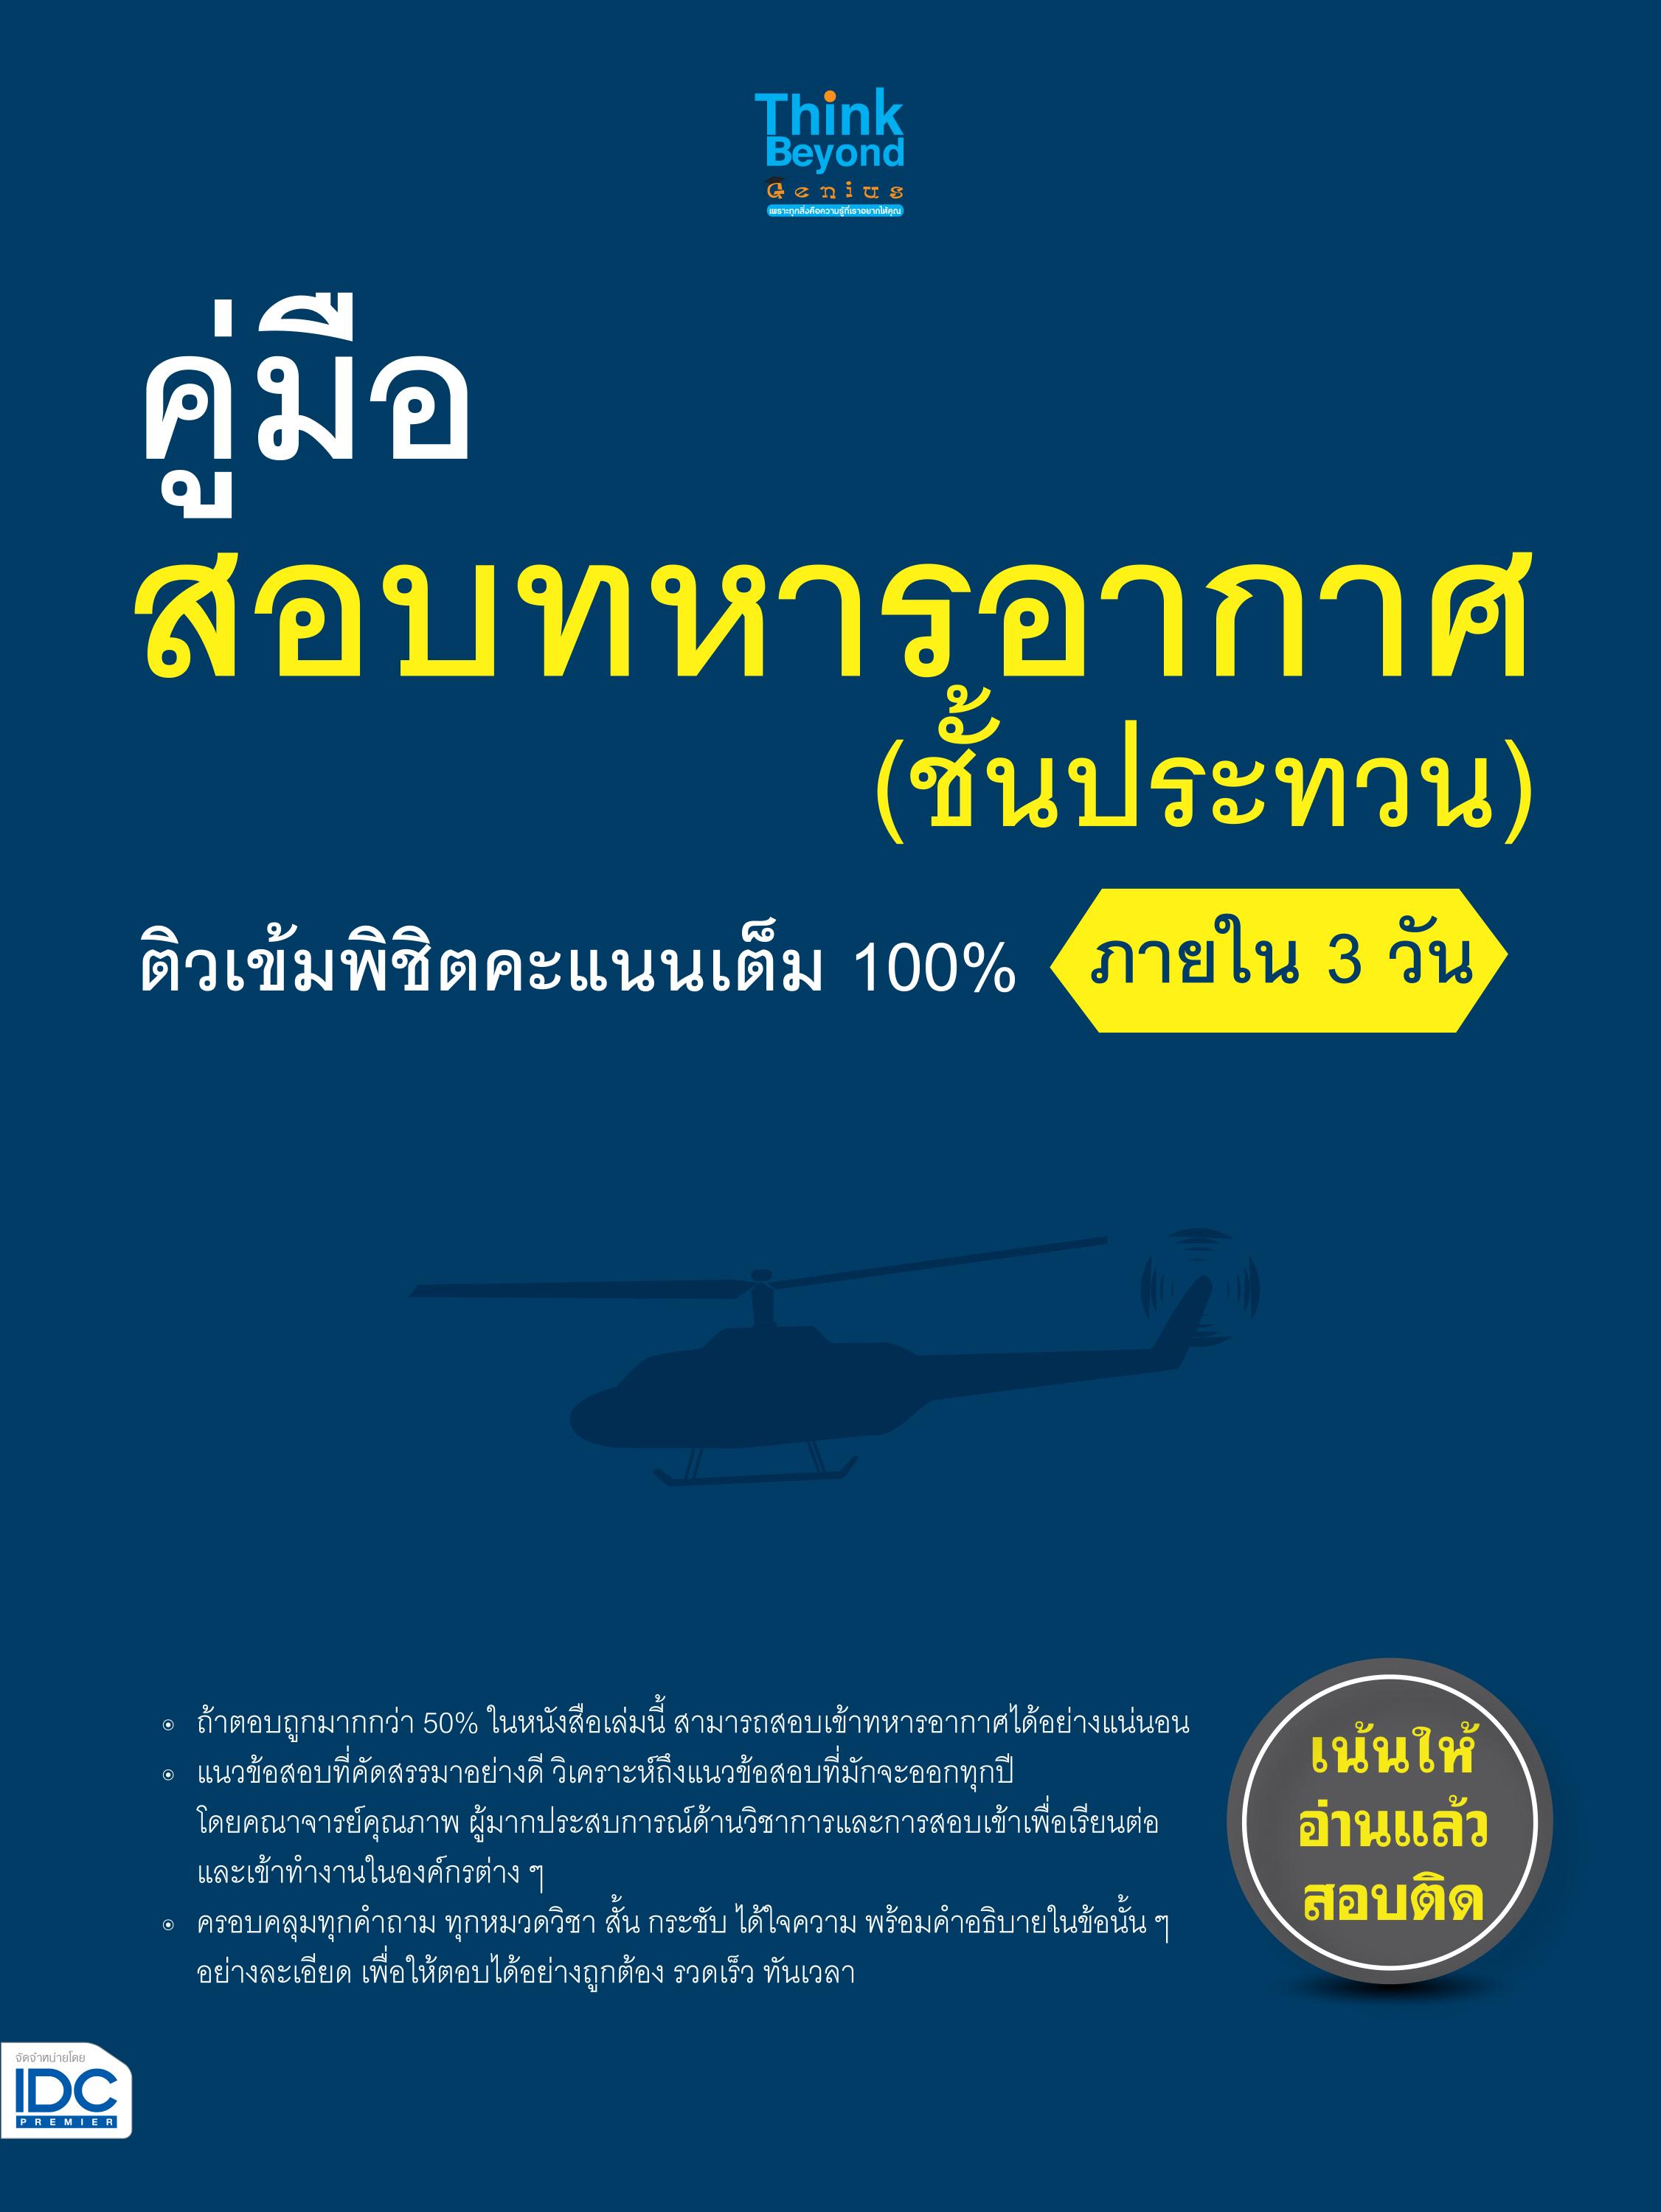 หนังสือ คู่มือสอบทหารอากาศ (ชั้นประทวน) ติวเข้มพิชิตคะแนนเต็ม 100% ภายใน 3 วัน